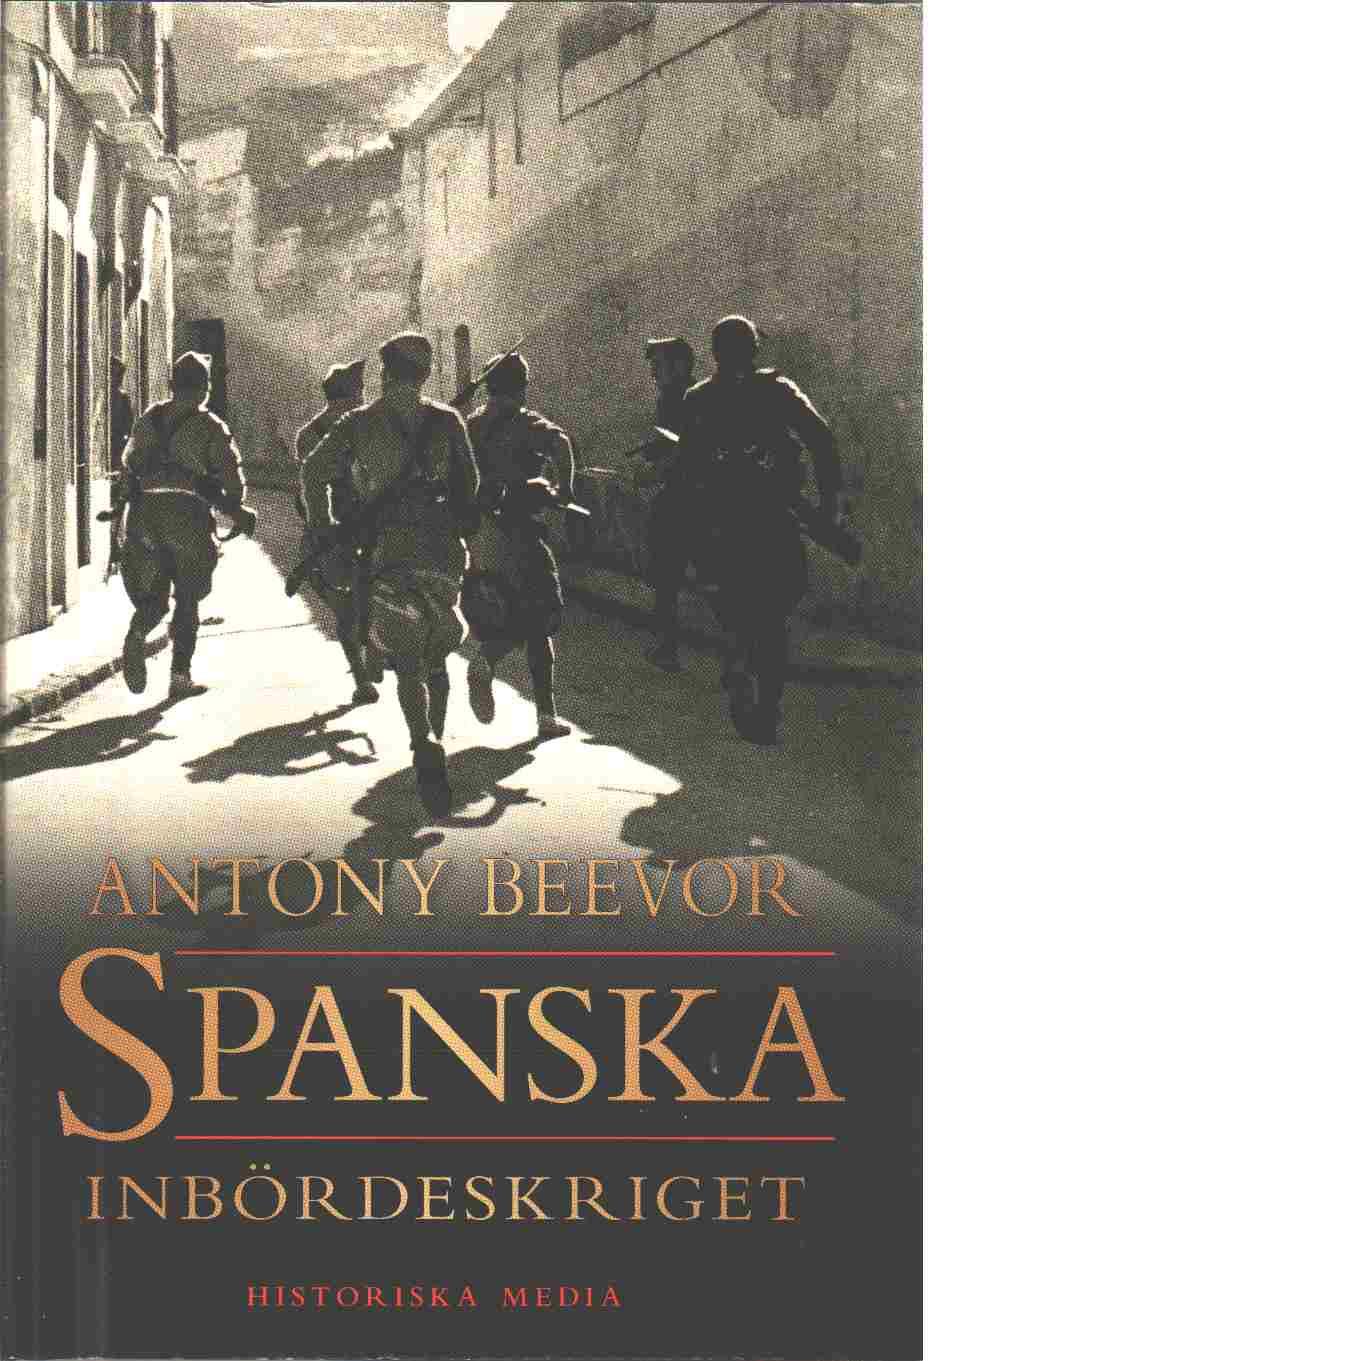 Spanska inbördeskriget - Beevor, Antony